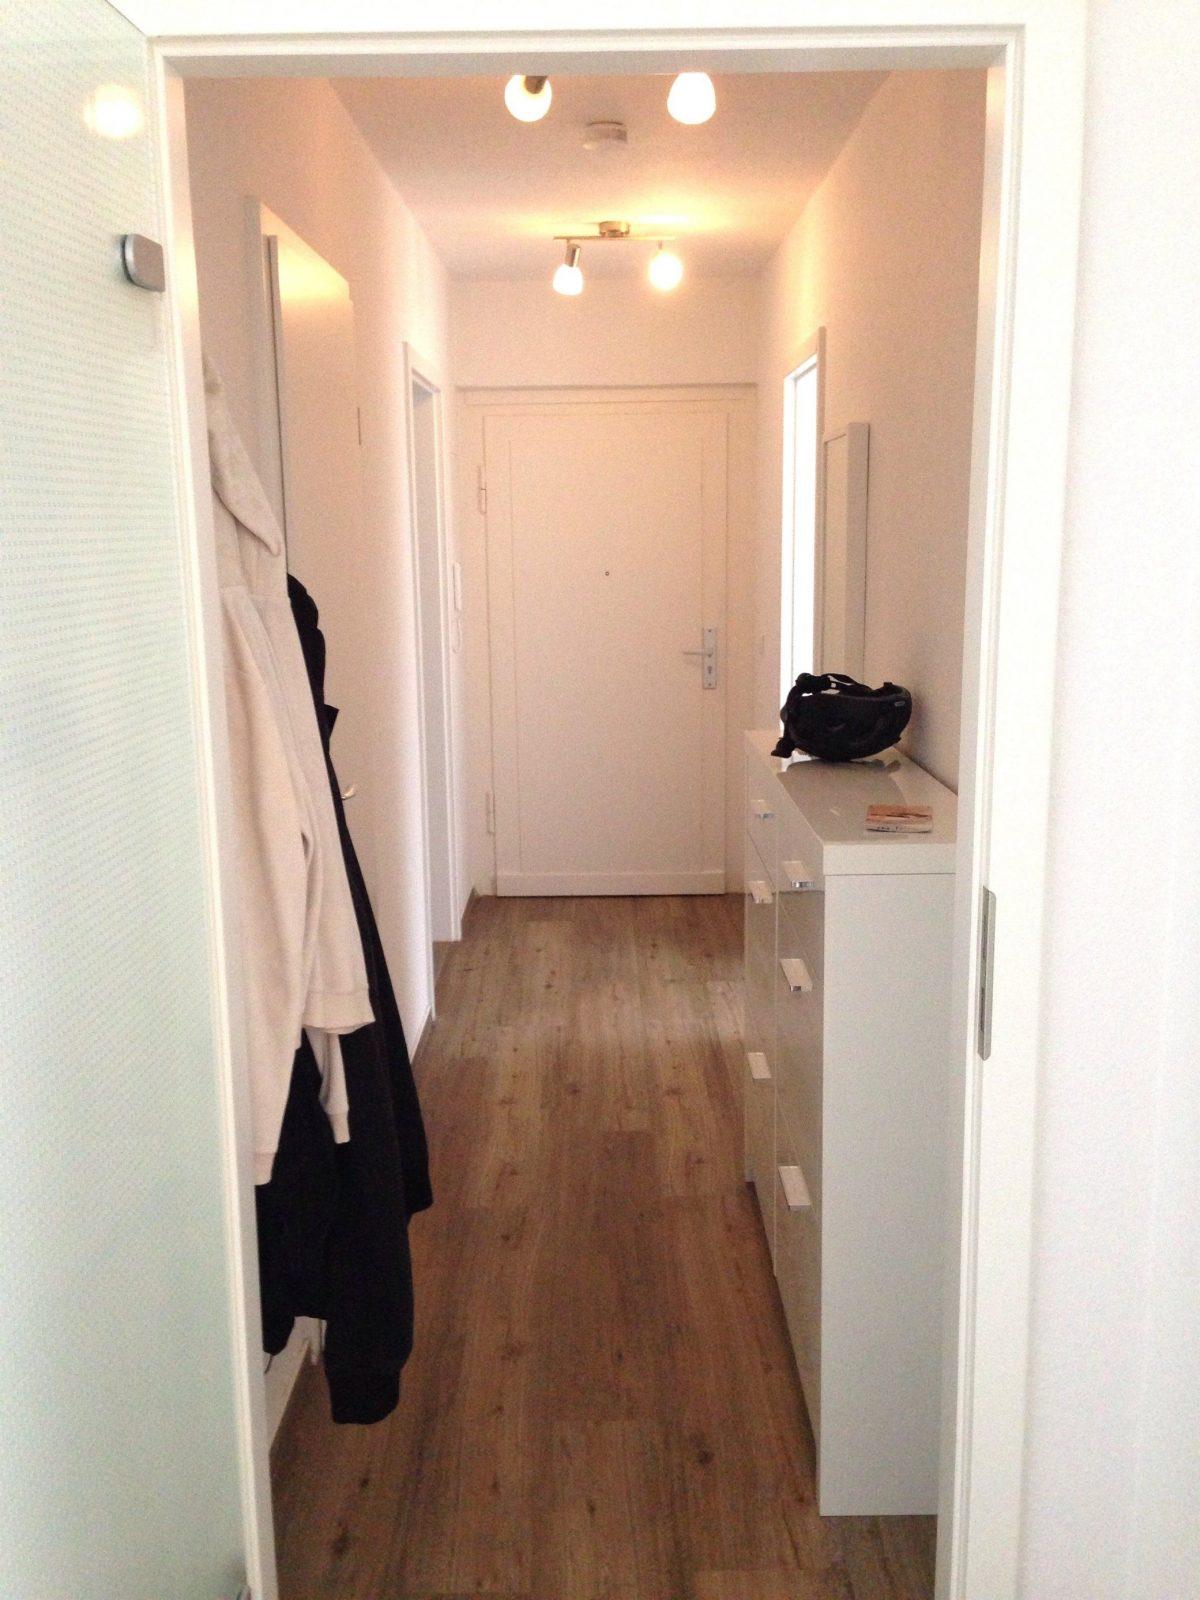 sch ne schmaler schrank flur beeindruckende ideen schmaler flur von ideen f r schmalen flur. Black Bedroom Furniture Sets. Home Design Ideas